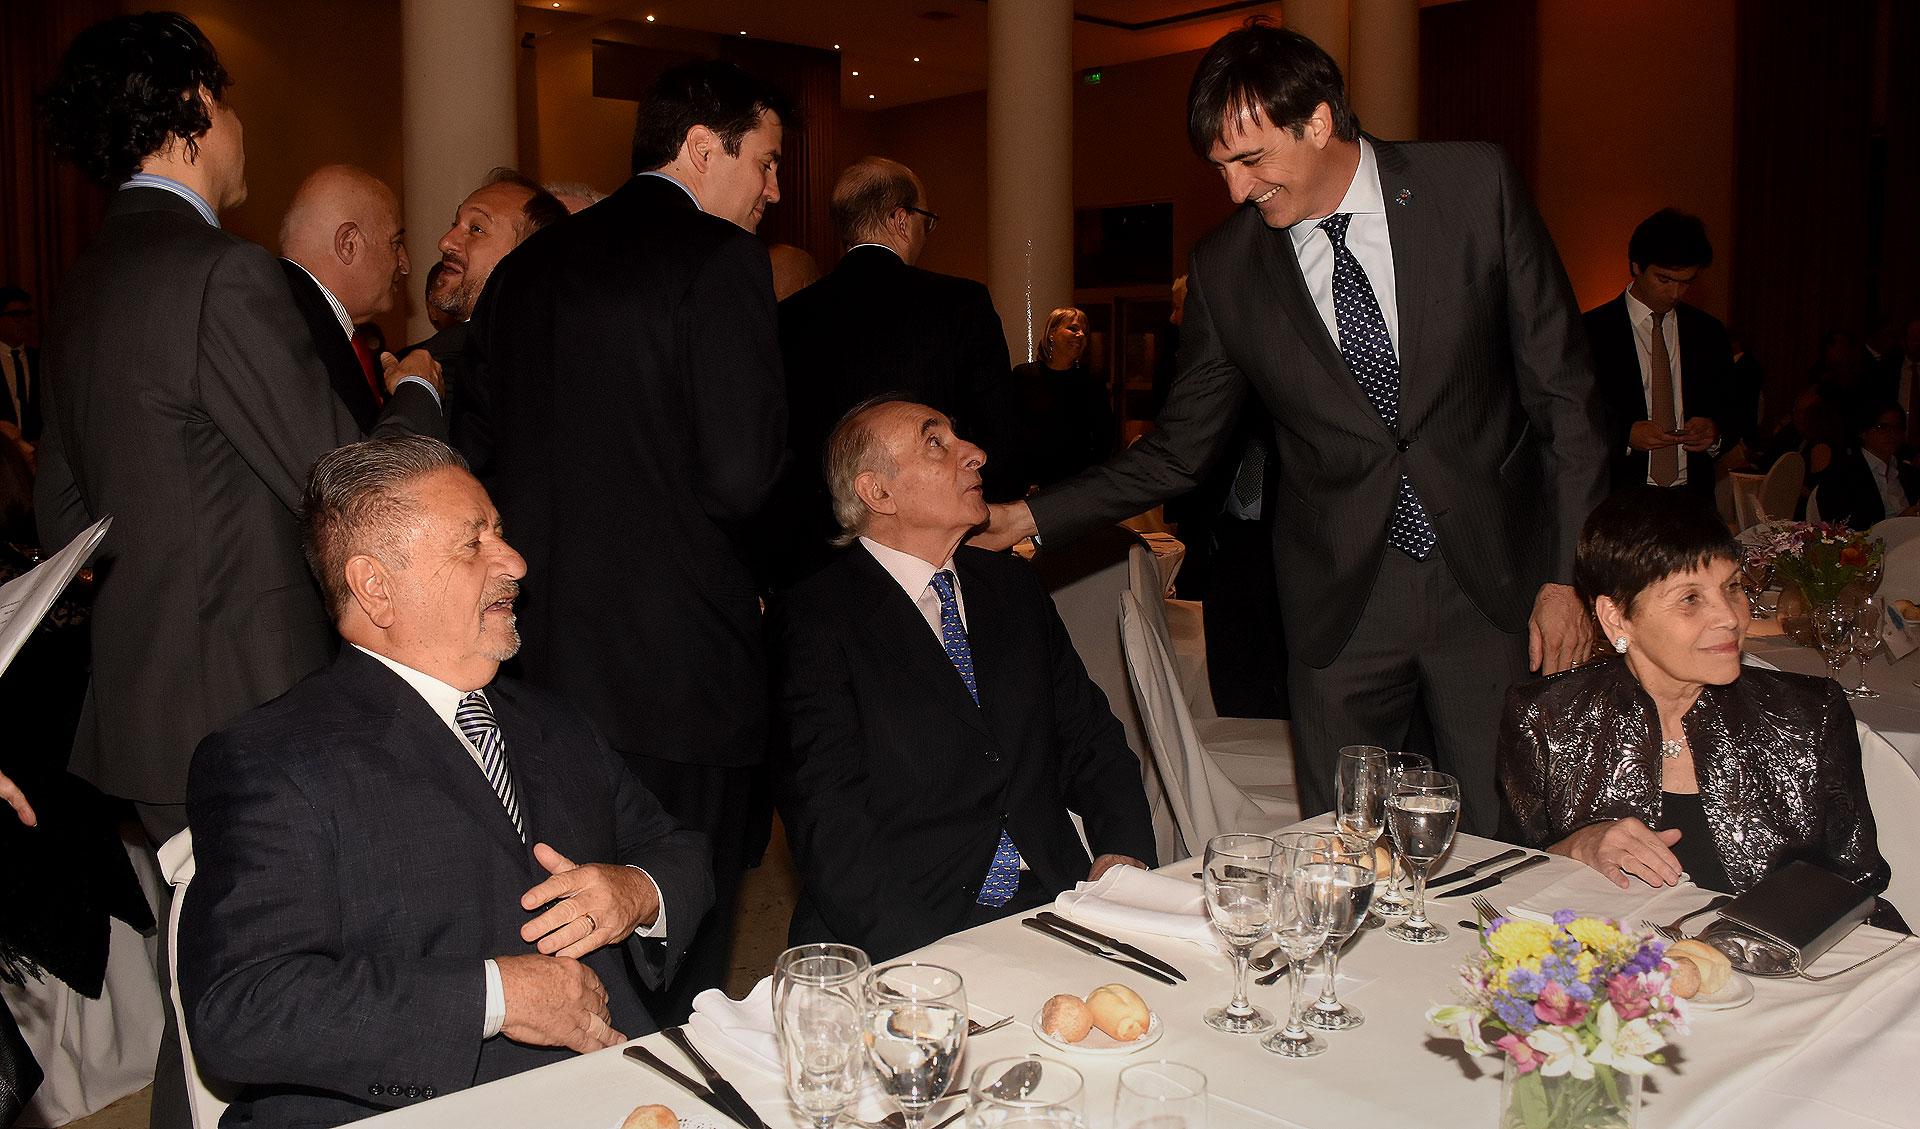 Eduardo Duhalde, Fernando De la Rúa y Esteban Bullrich en la mesa principal